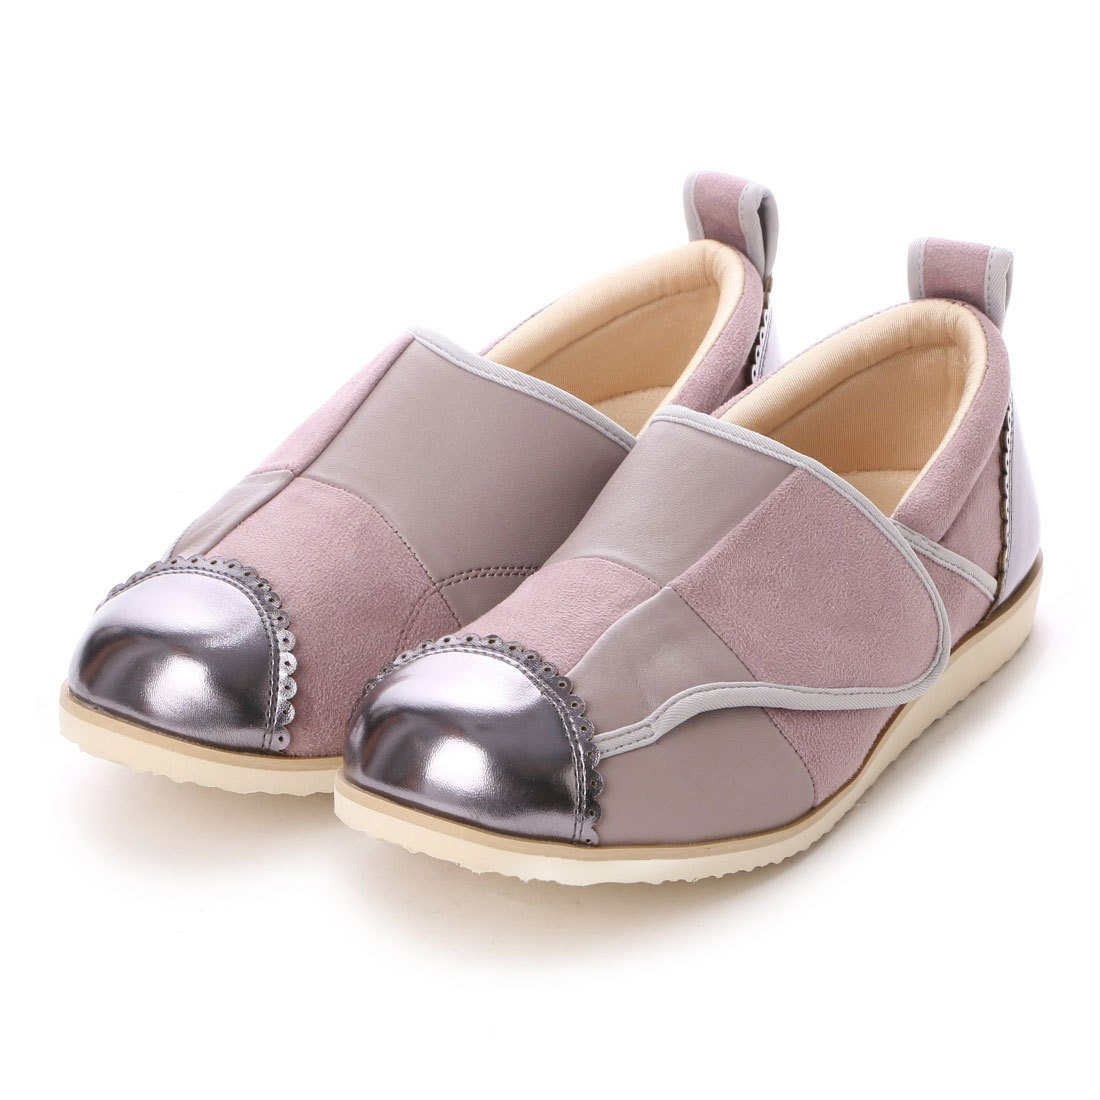 パネルデザインが足を立体的に包み込みます。(クラース)カノン 婦人靴 ウェルネスシューズ コンフォートシューズ B01N11URHE L(24cm~25cm) ラベンダー ラベンダー L(24cm~25cm)